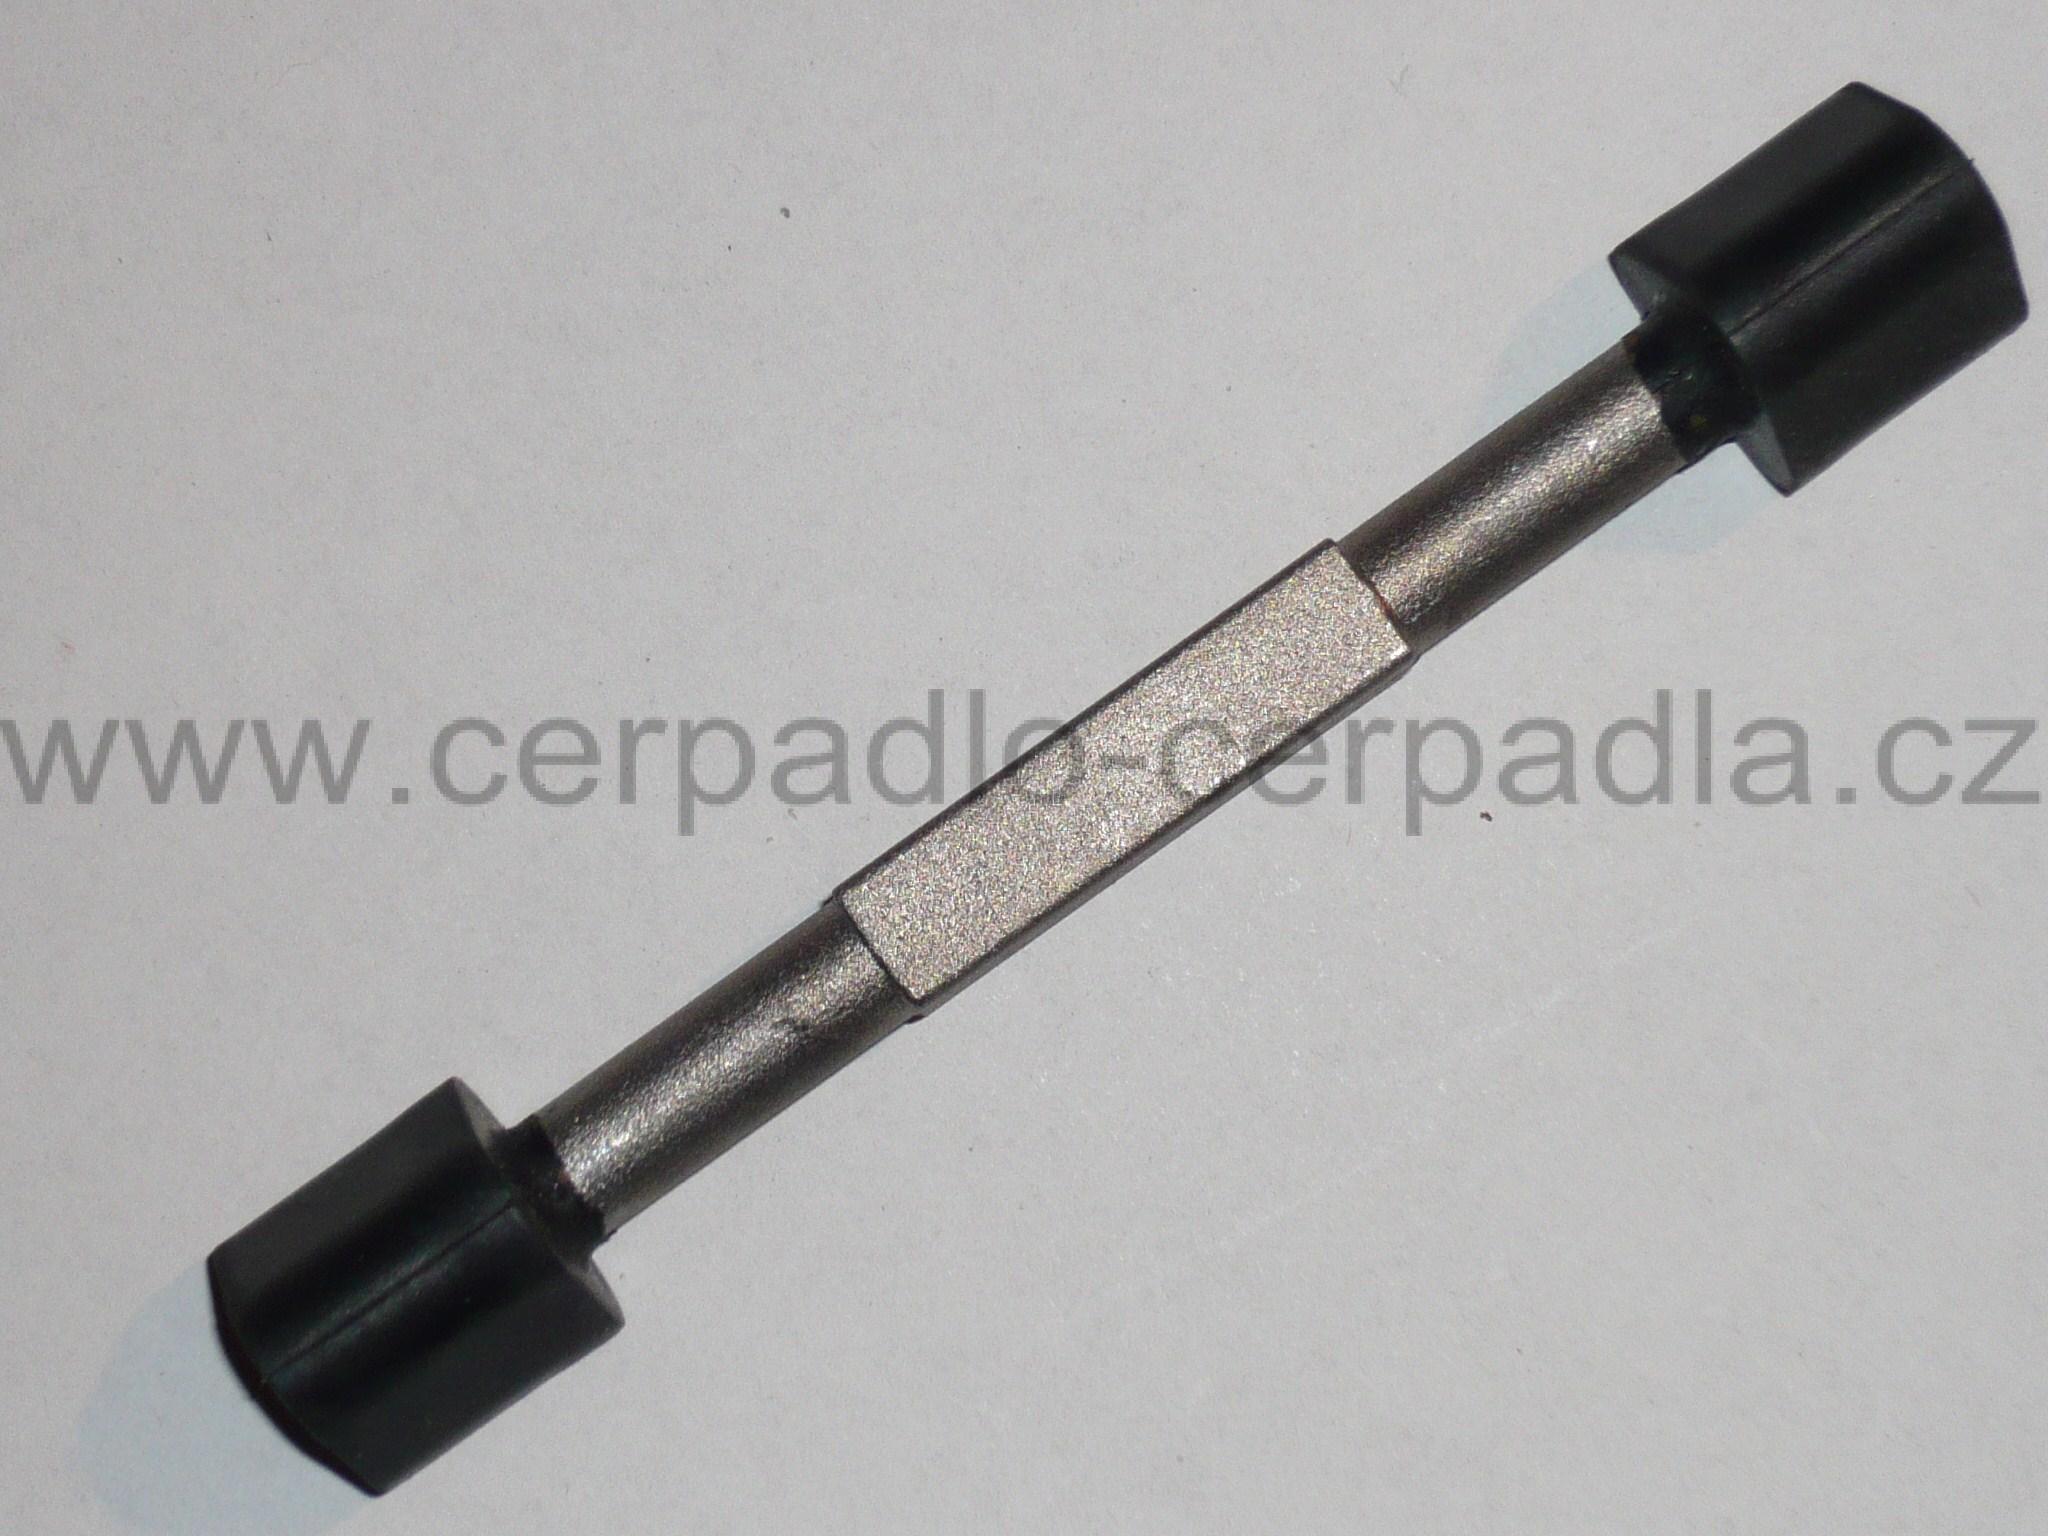 """Spojovací hřídelka kompletní PCH 1"""" T-90-16, PCH T4-90-16, PCH 1"""" J-90-16 (hřídel PCH, spojovací hřídelka pro vřetenová čerpadla)"""